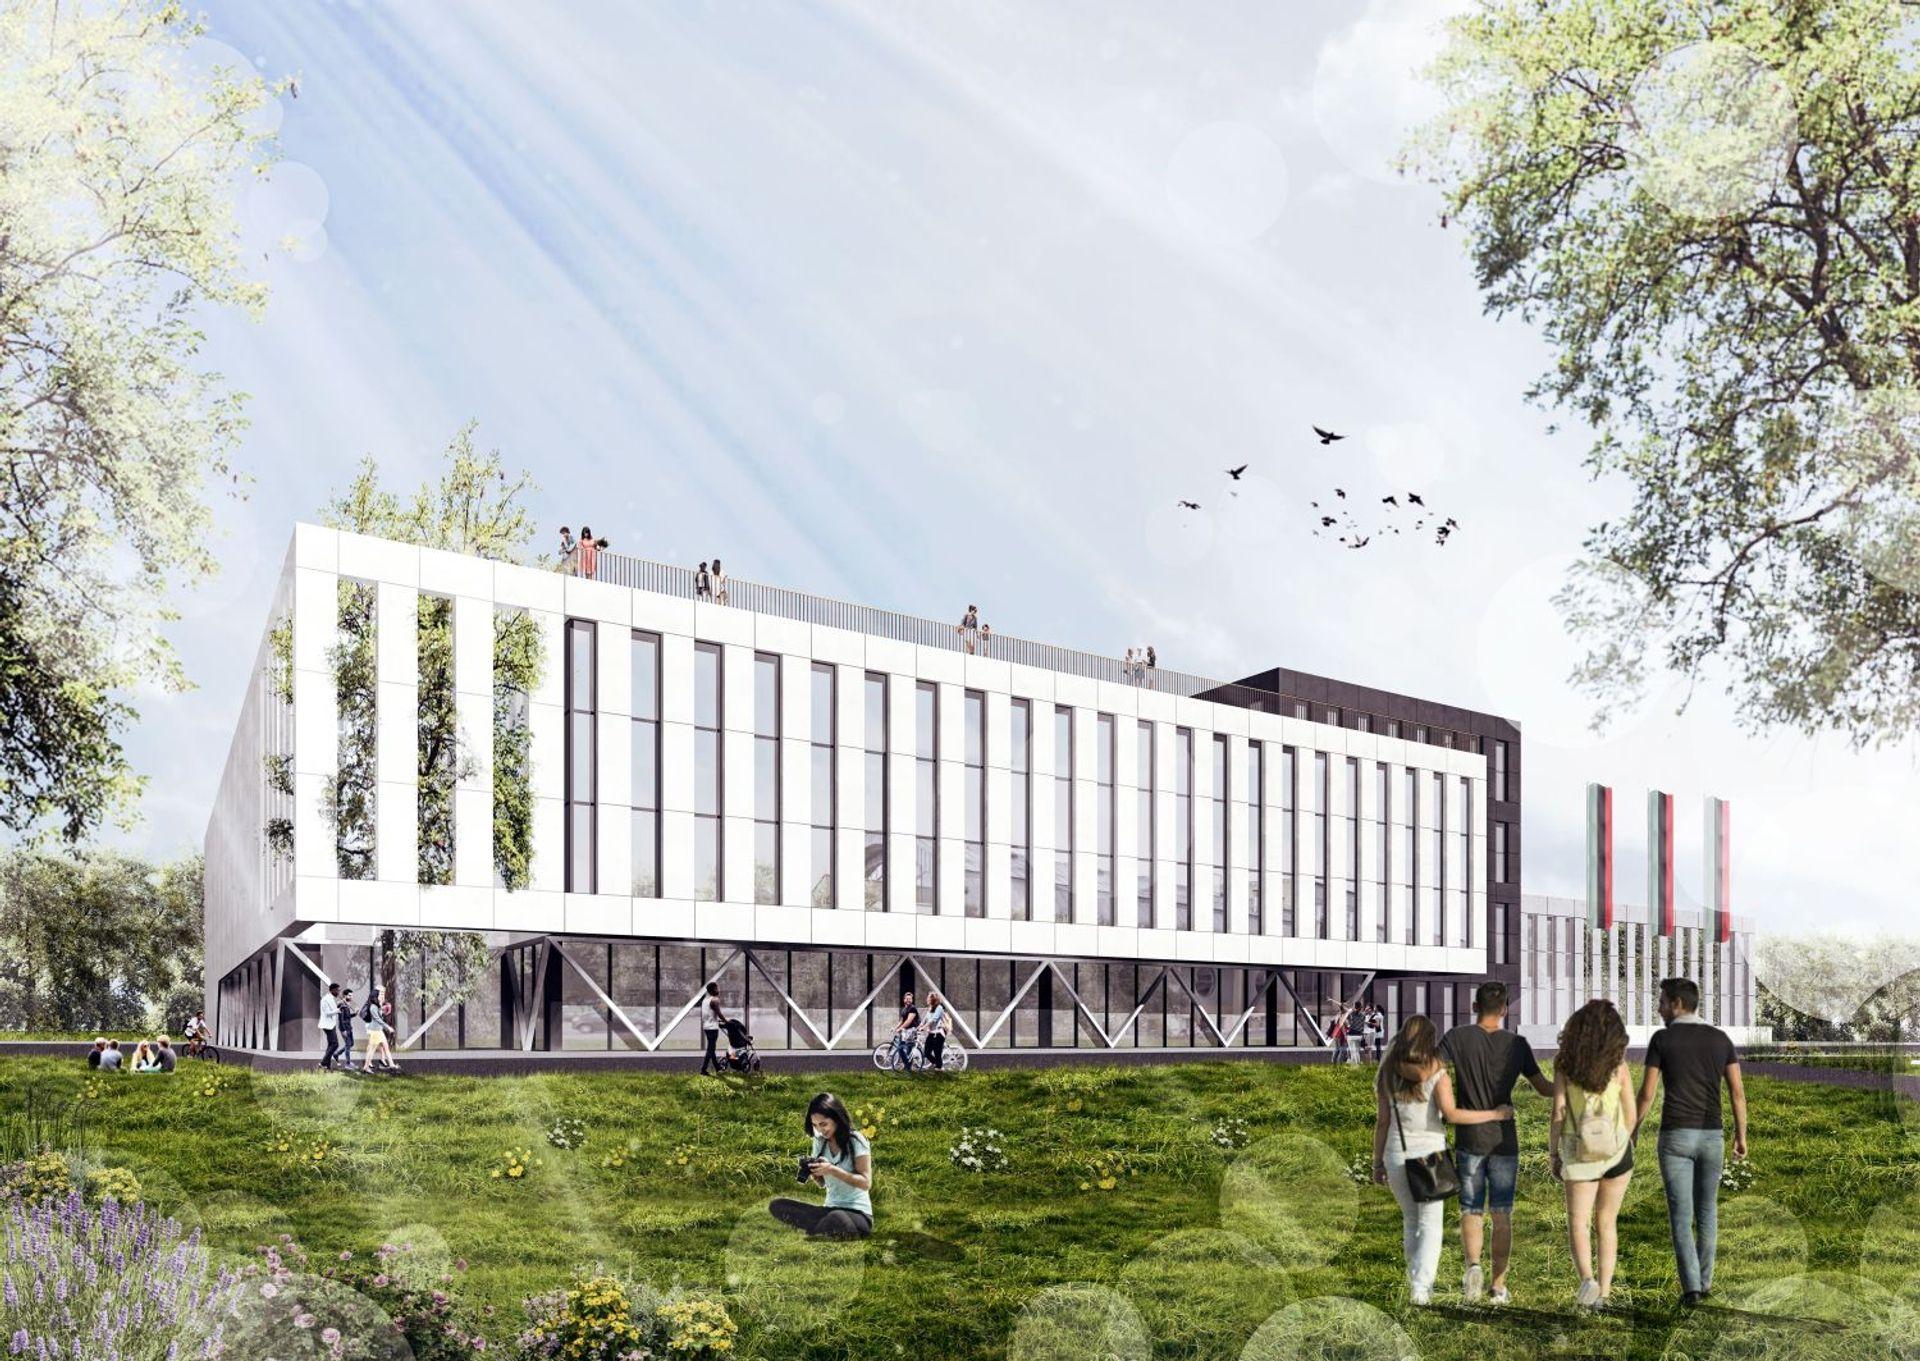 W Krakowie trwa budowa nowej wielofunkcyjnej hali sportowej Akademii Górniczo-Hutniczej [ZDJĘCIA + WIZUALIZACJE]